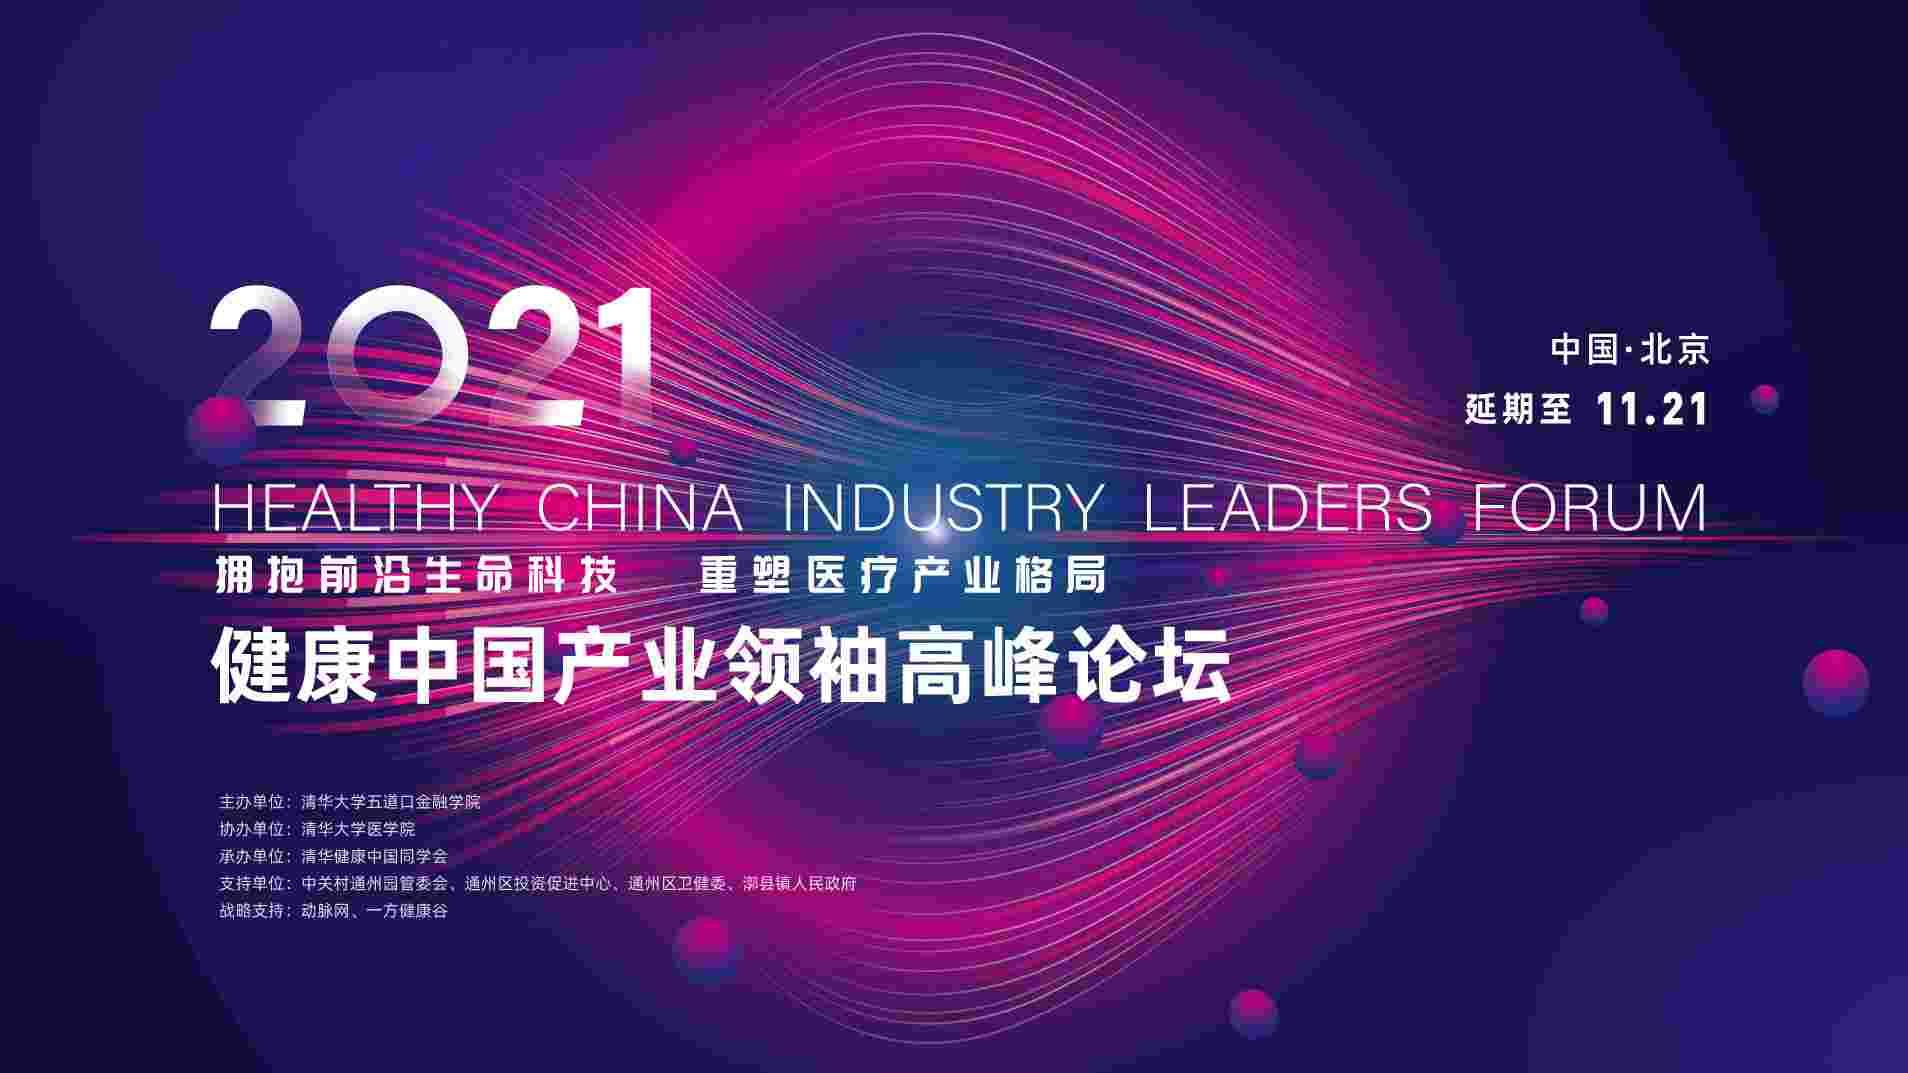 关于2021健康中国产业领袖高峰论坛延期举办的公告